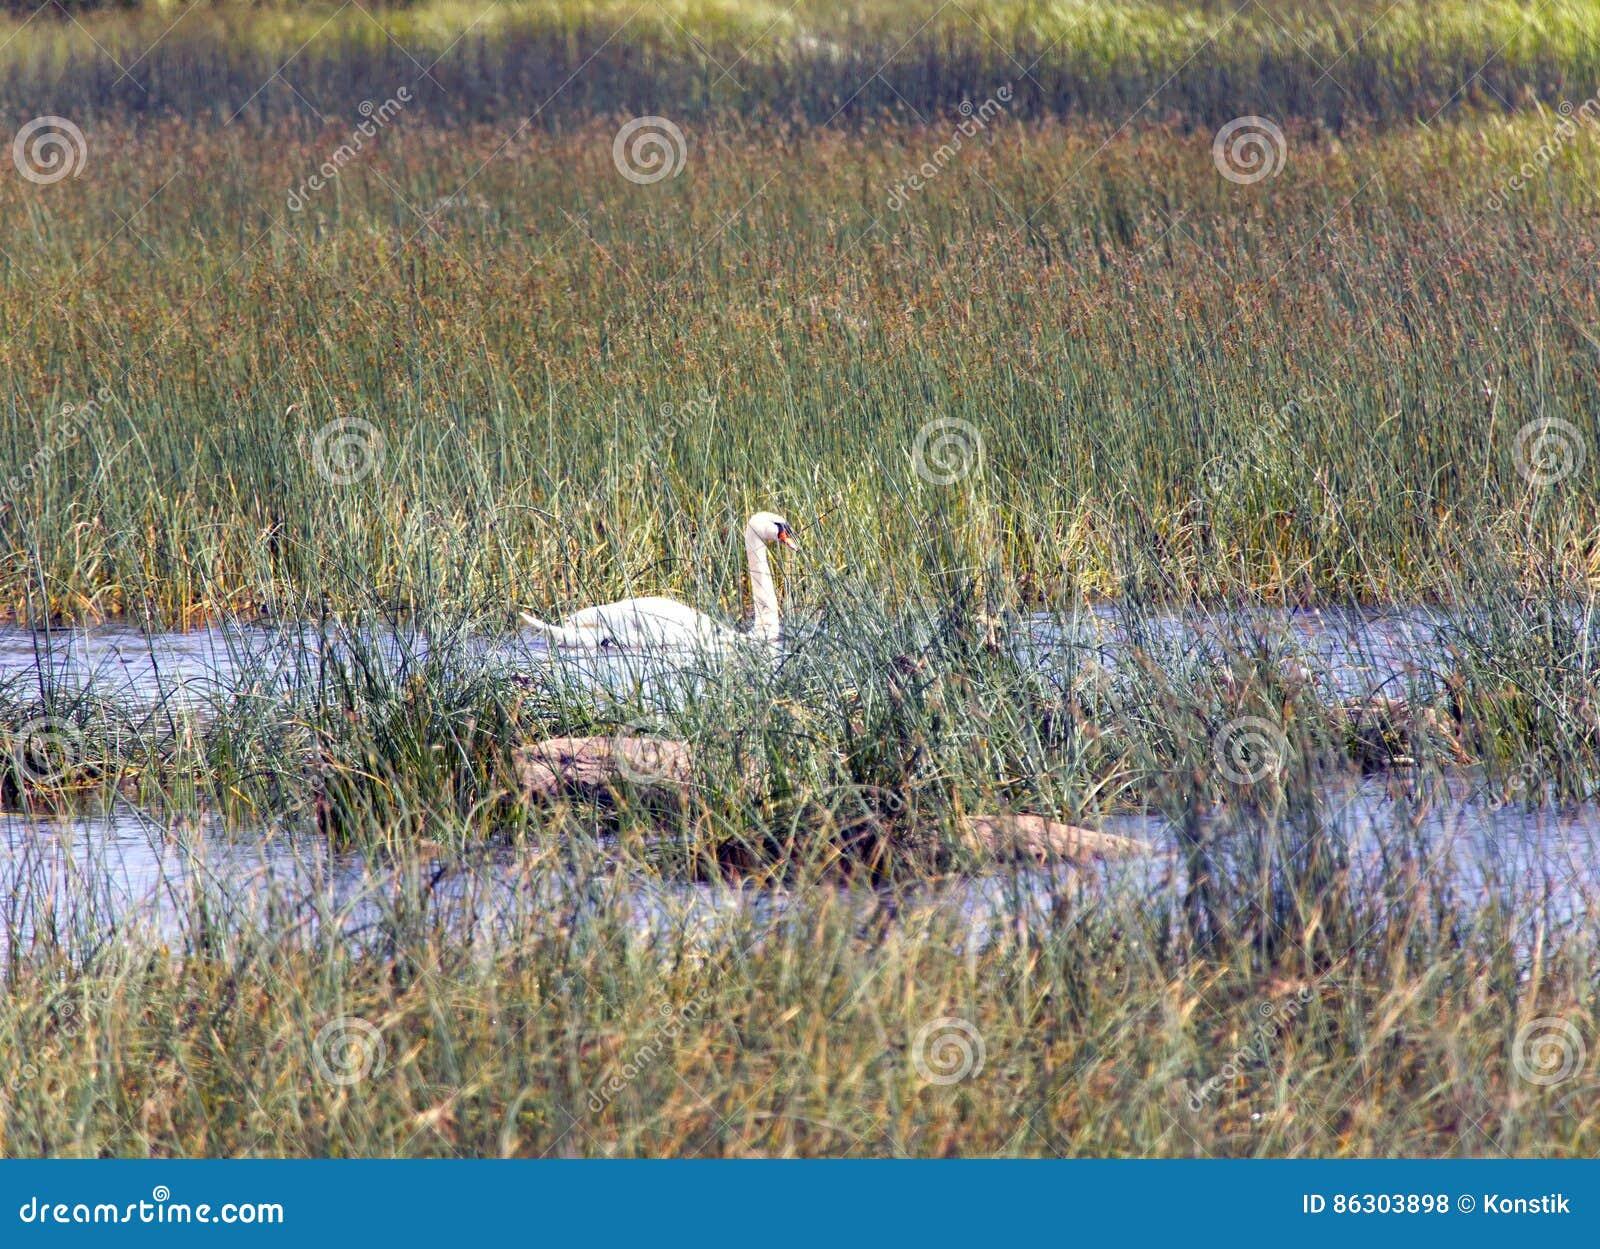 Cisne no lago, em um ambiente de uma grama verde e de pedras